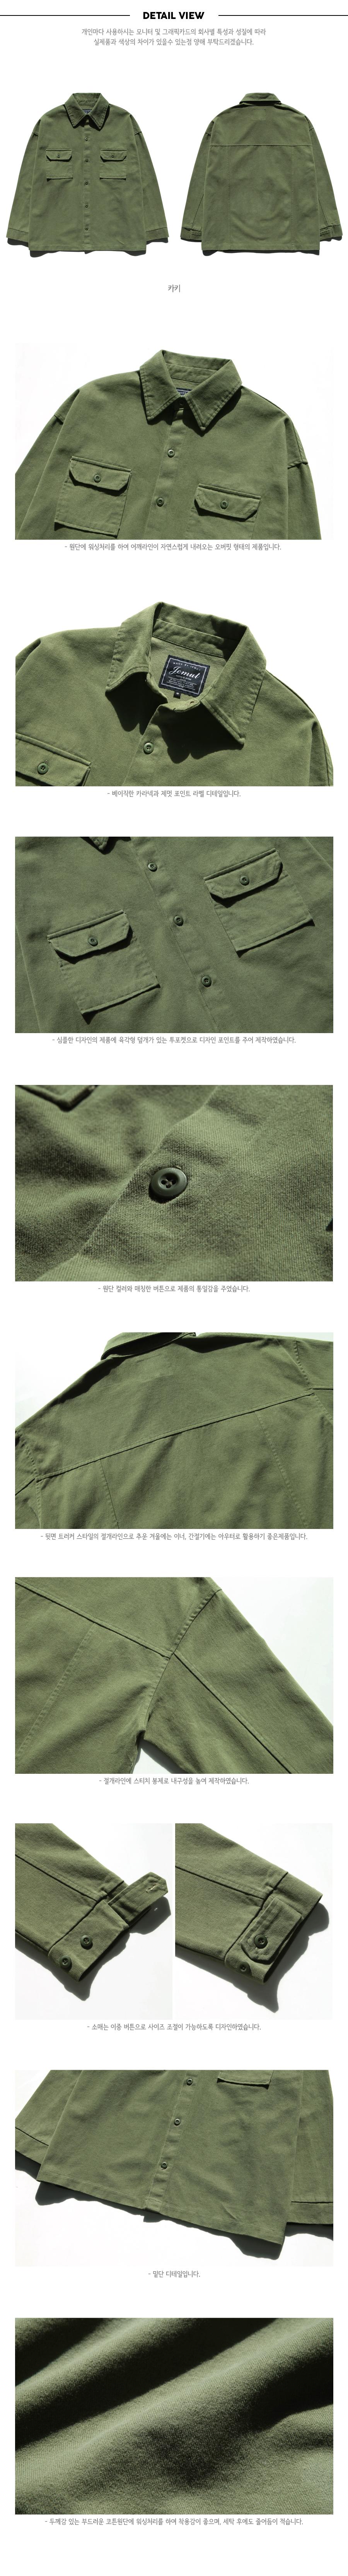 20190129_big_pocket_shirts_khaki_kj.jpg